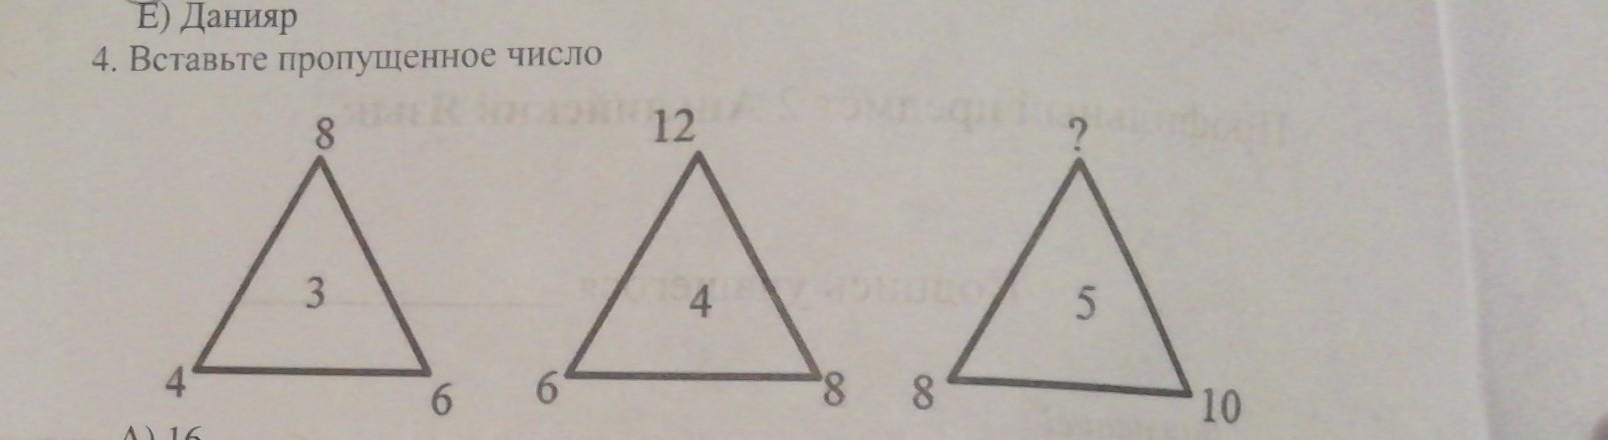 1)вставьте пропущенное число и объясните почему